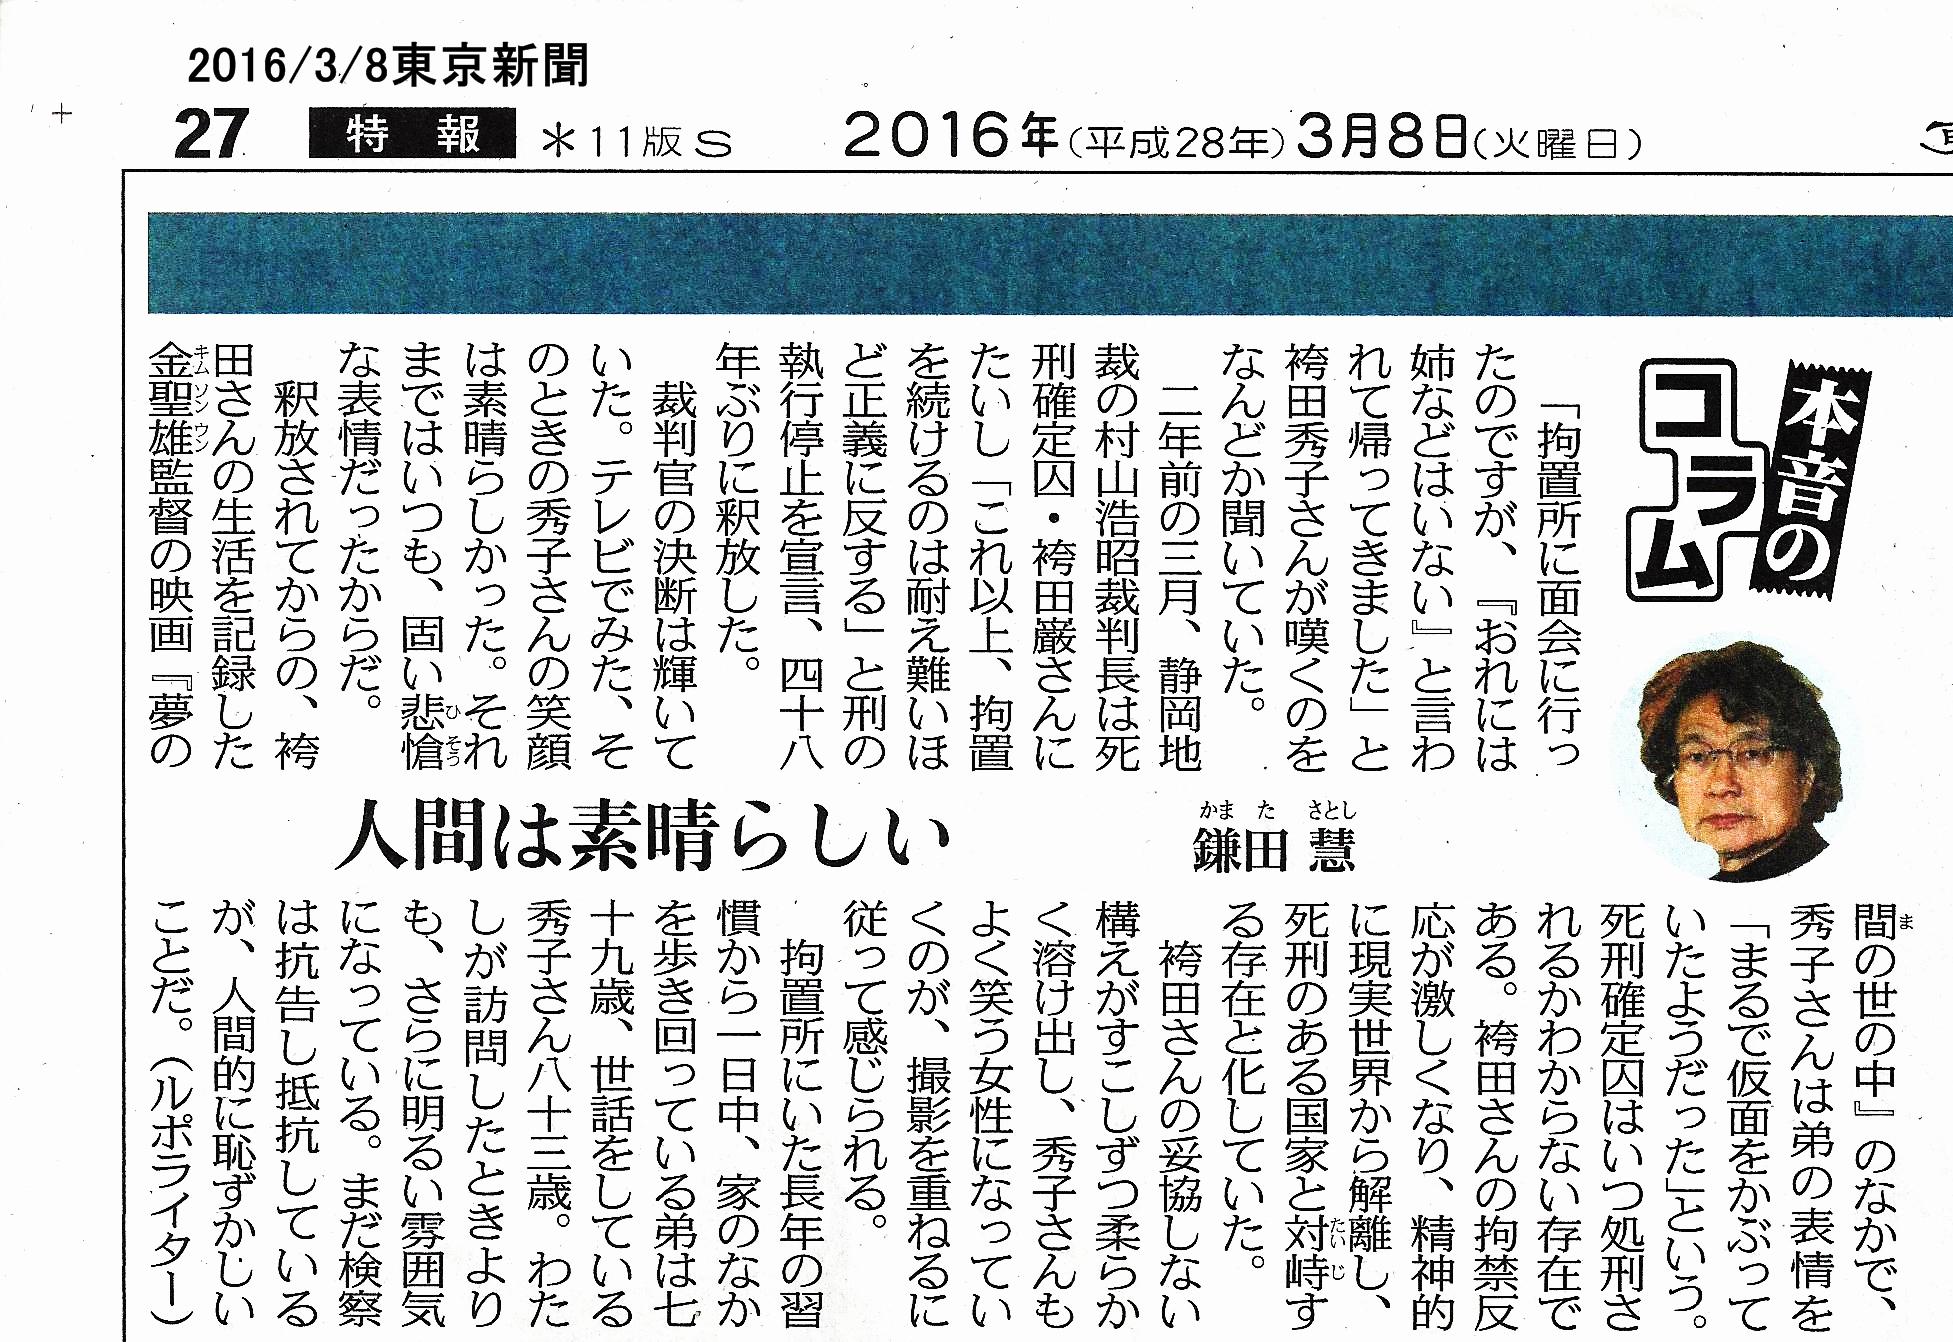 2016.3.8東京新聞